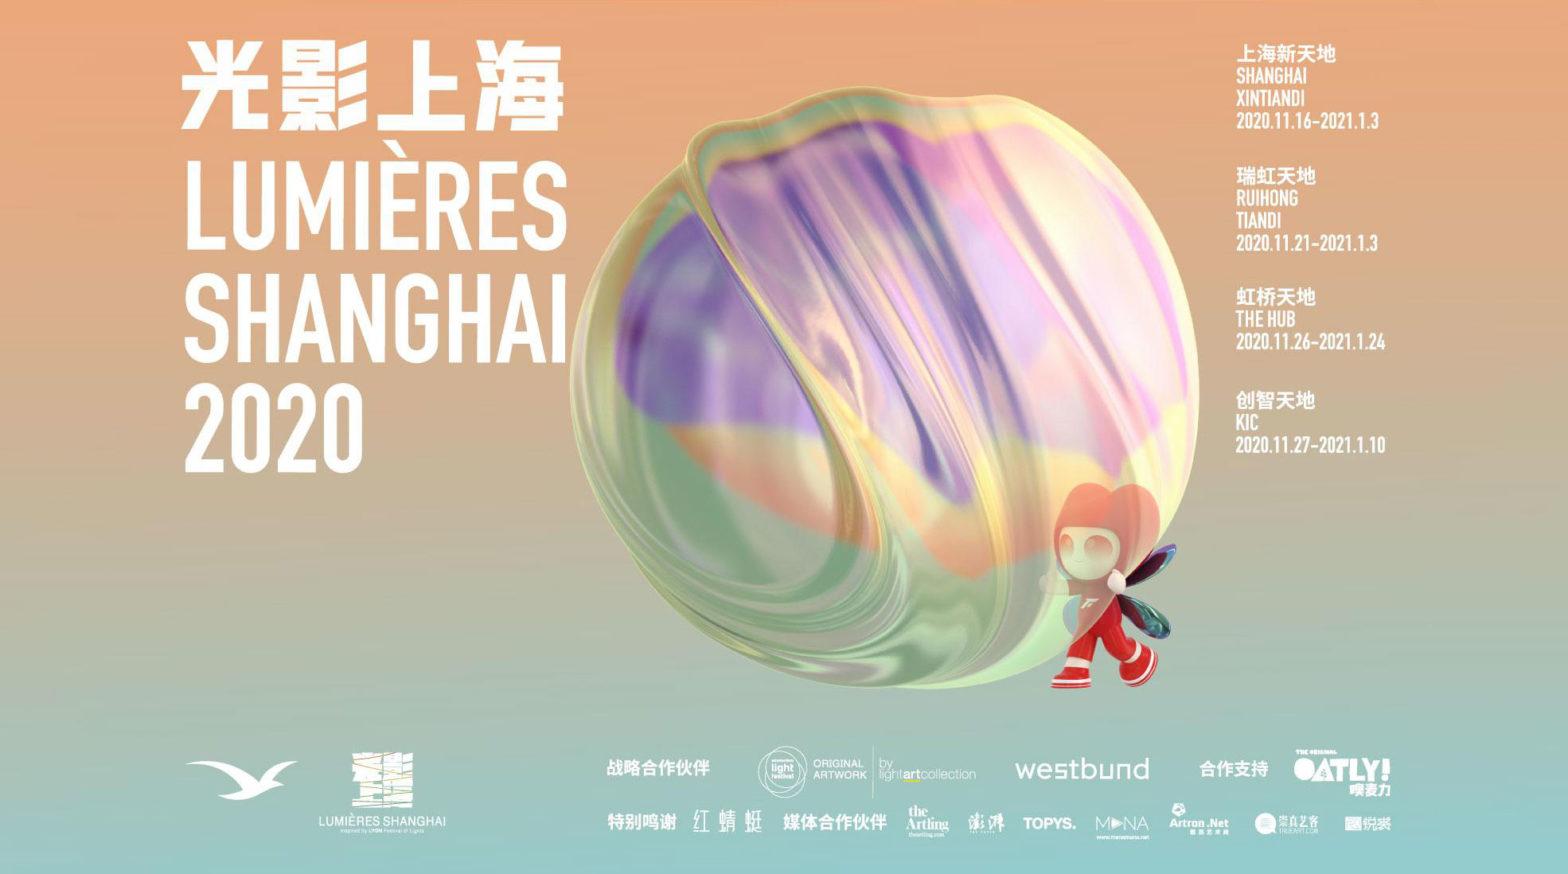 与你相约上海冬夜,「光影上海」2020灯光艺术节启幕倒计时